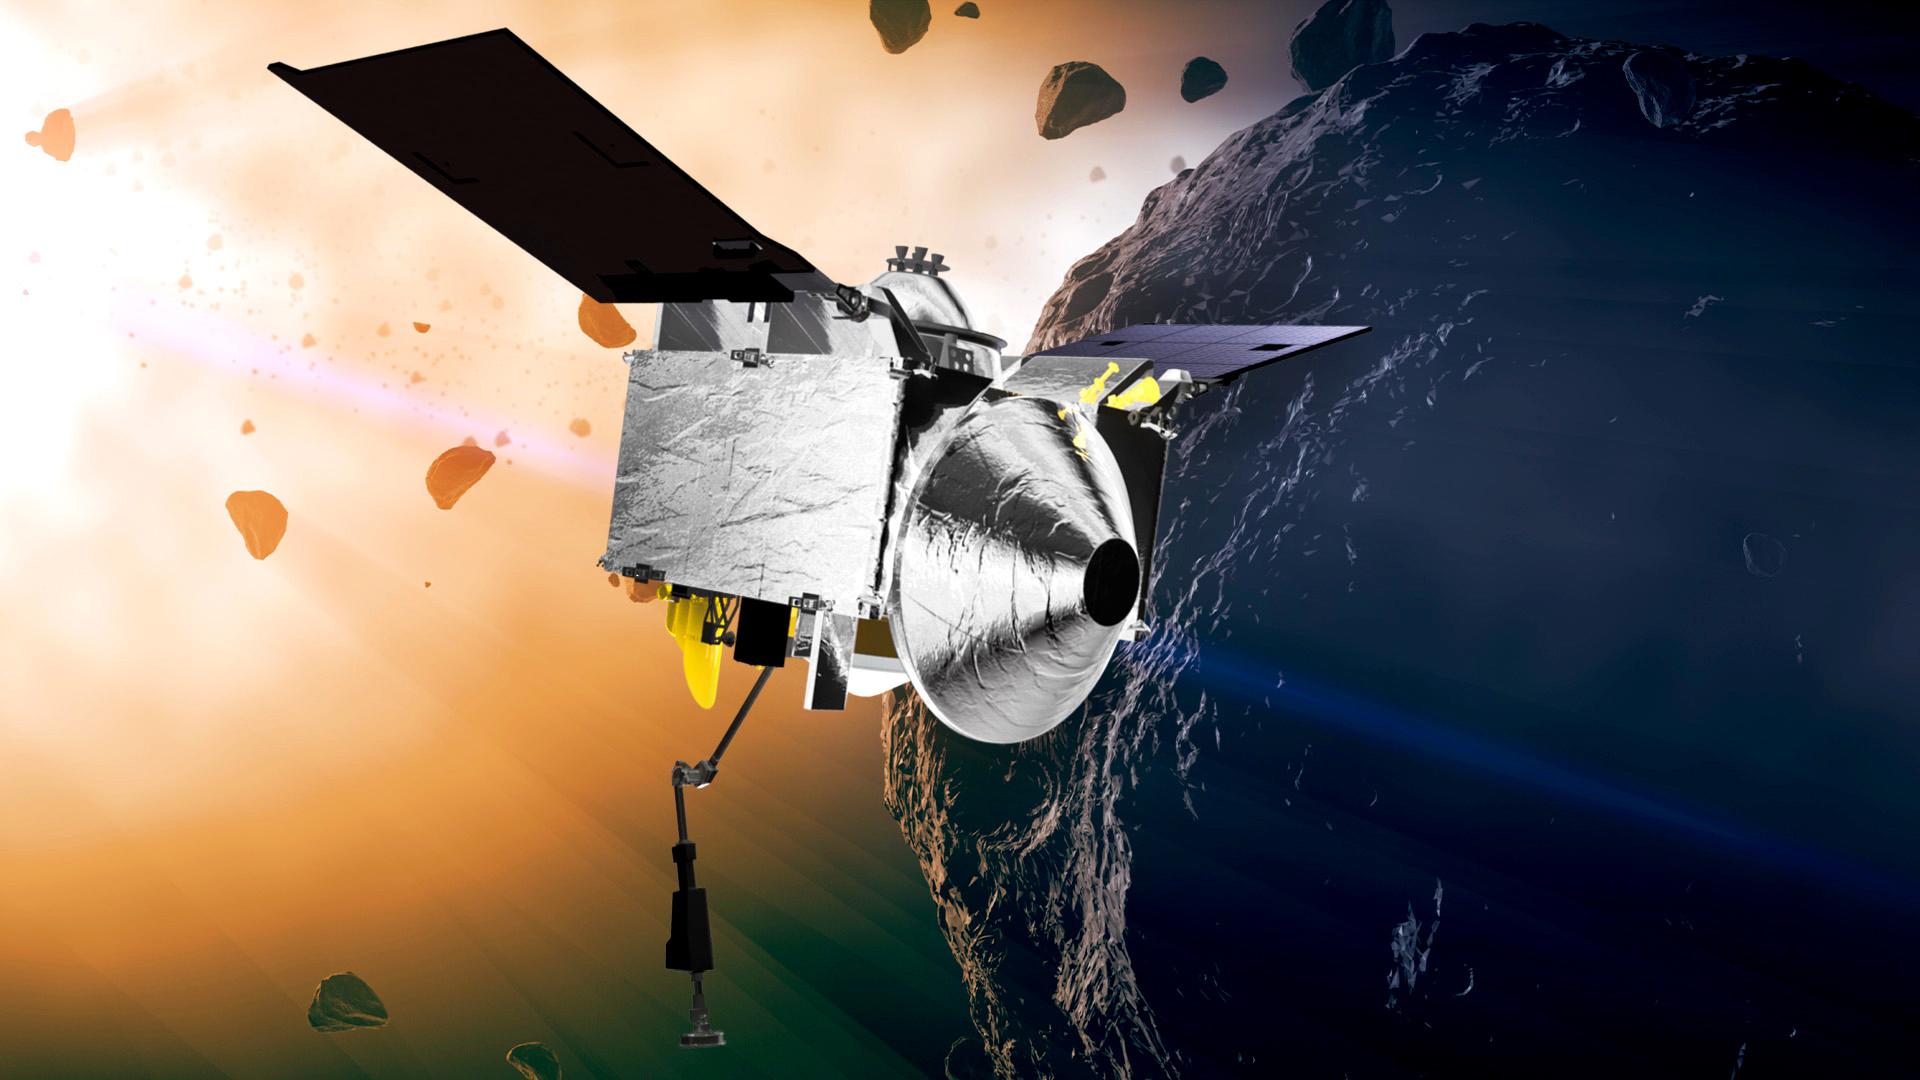 Un asteroide amenaza la Tierra. La NASA preparó una misión de rescate. Ha fracasado